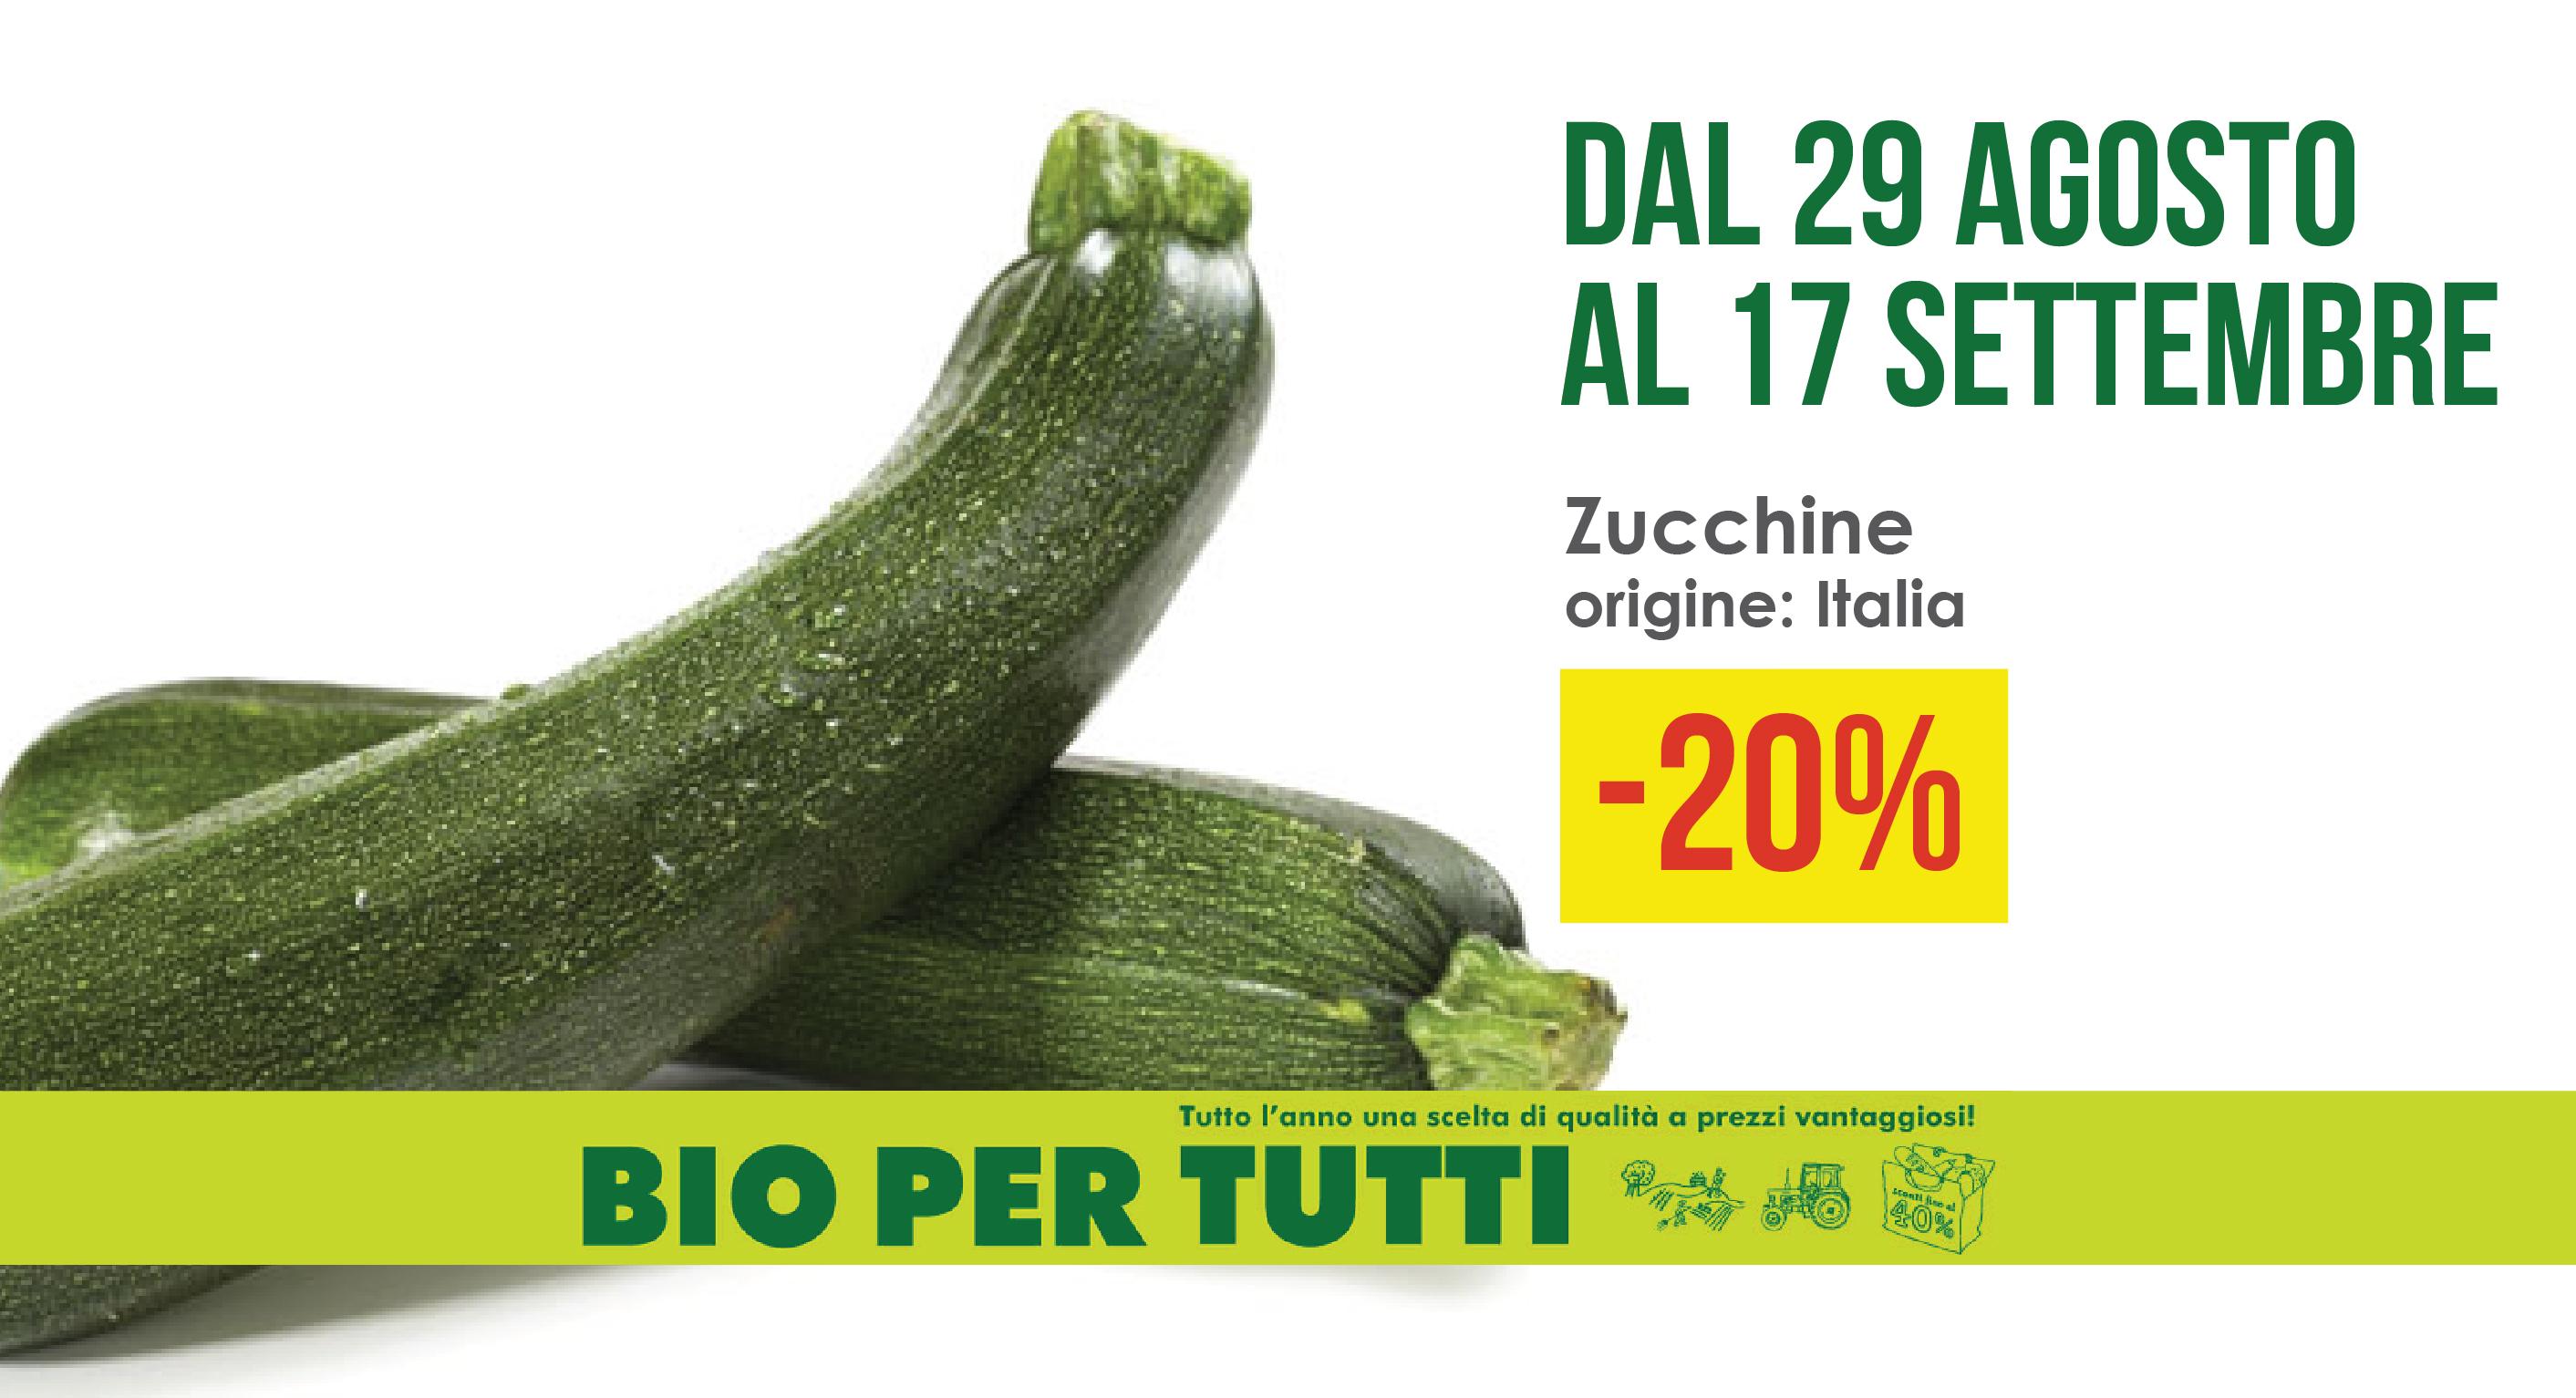 Offerte Bio Per Tutti Dal 29 Agosto Al 17 Settembre: Zucchine